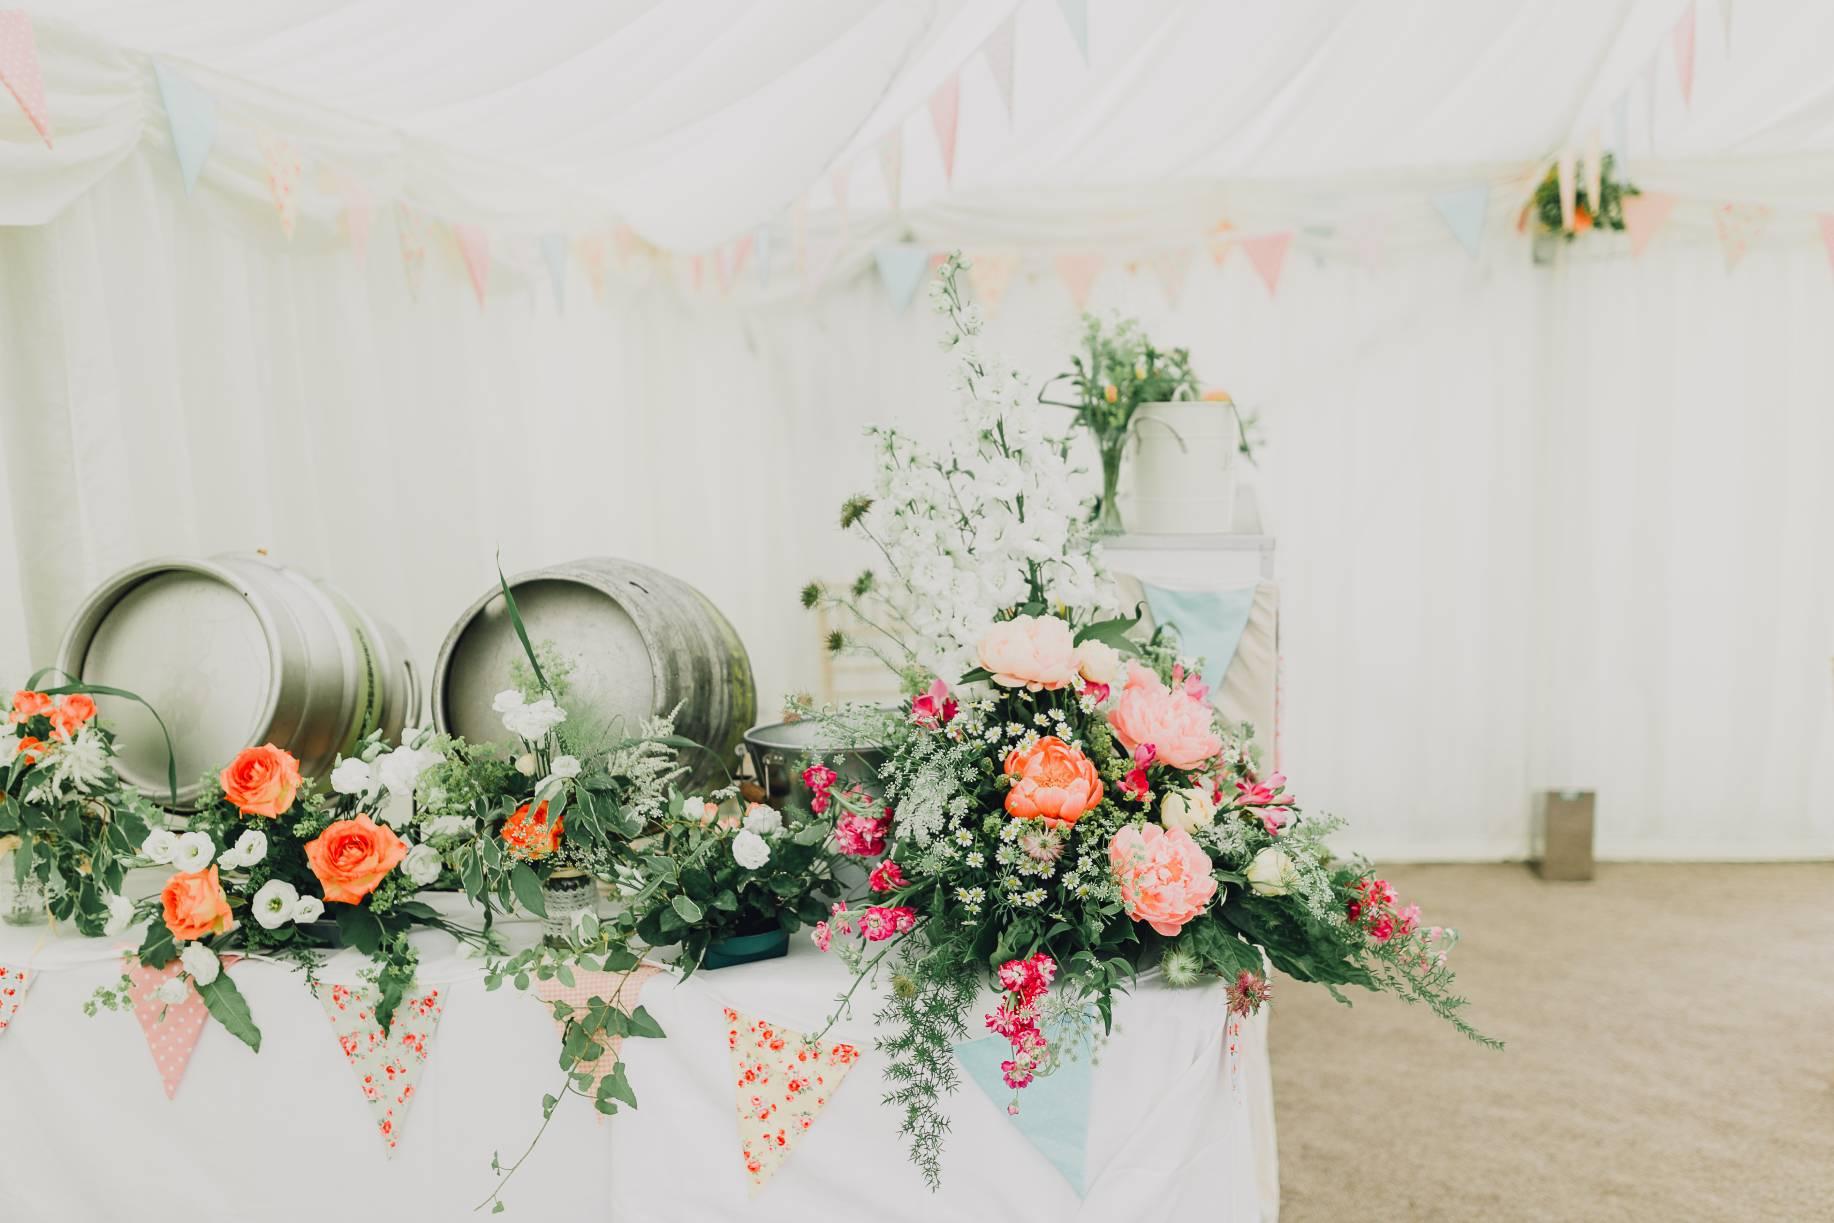 Beer kegs, flowers, celebration, party, vintage, modern wedding location